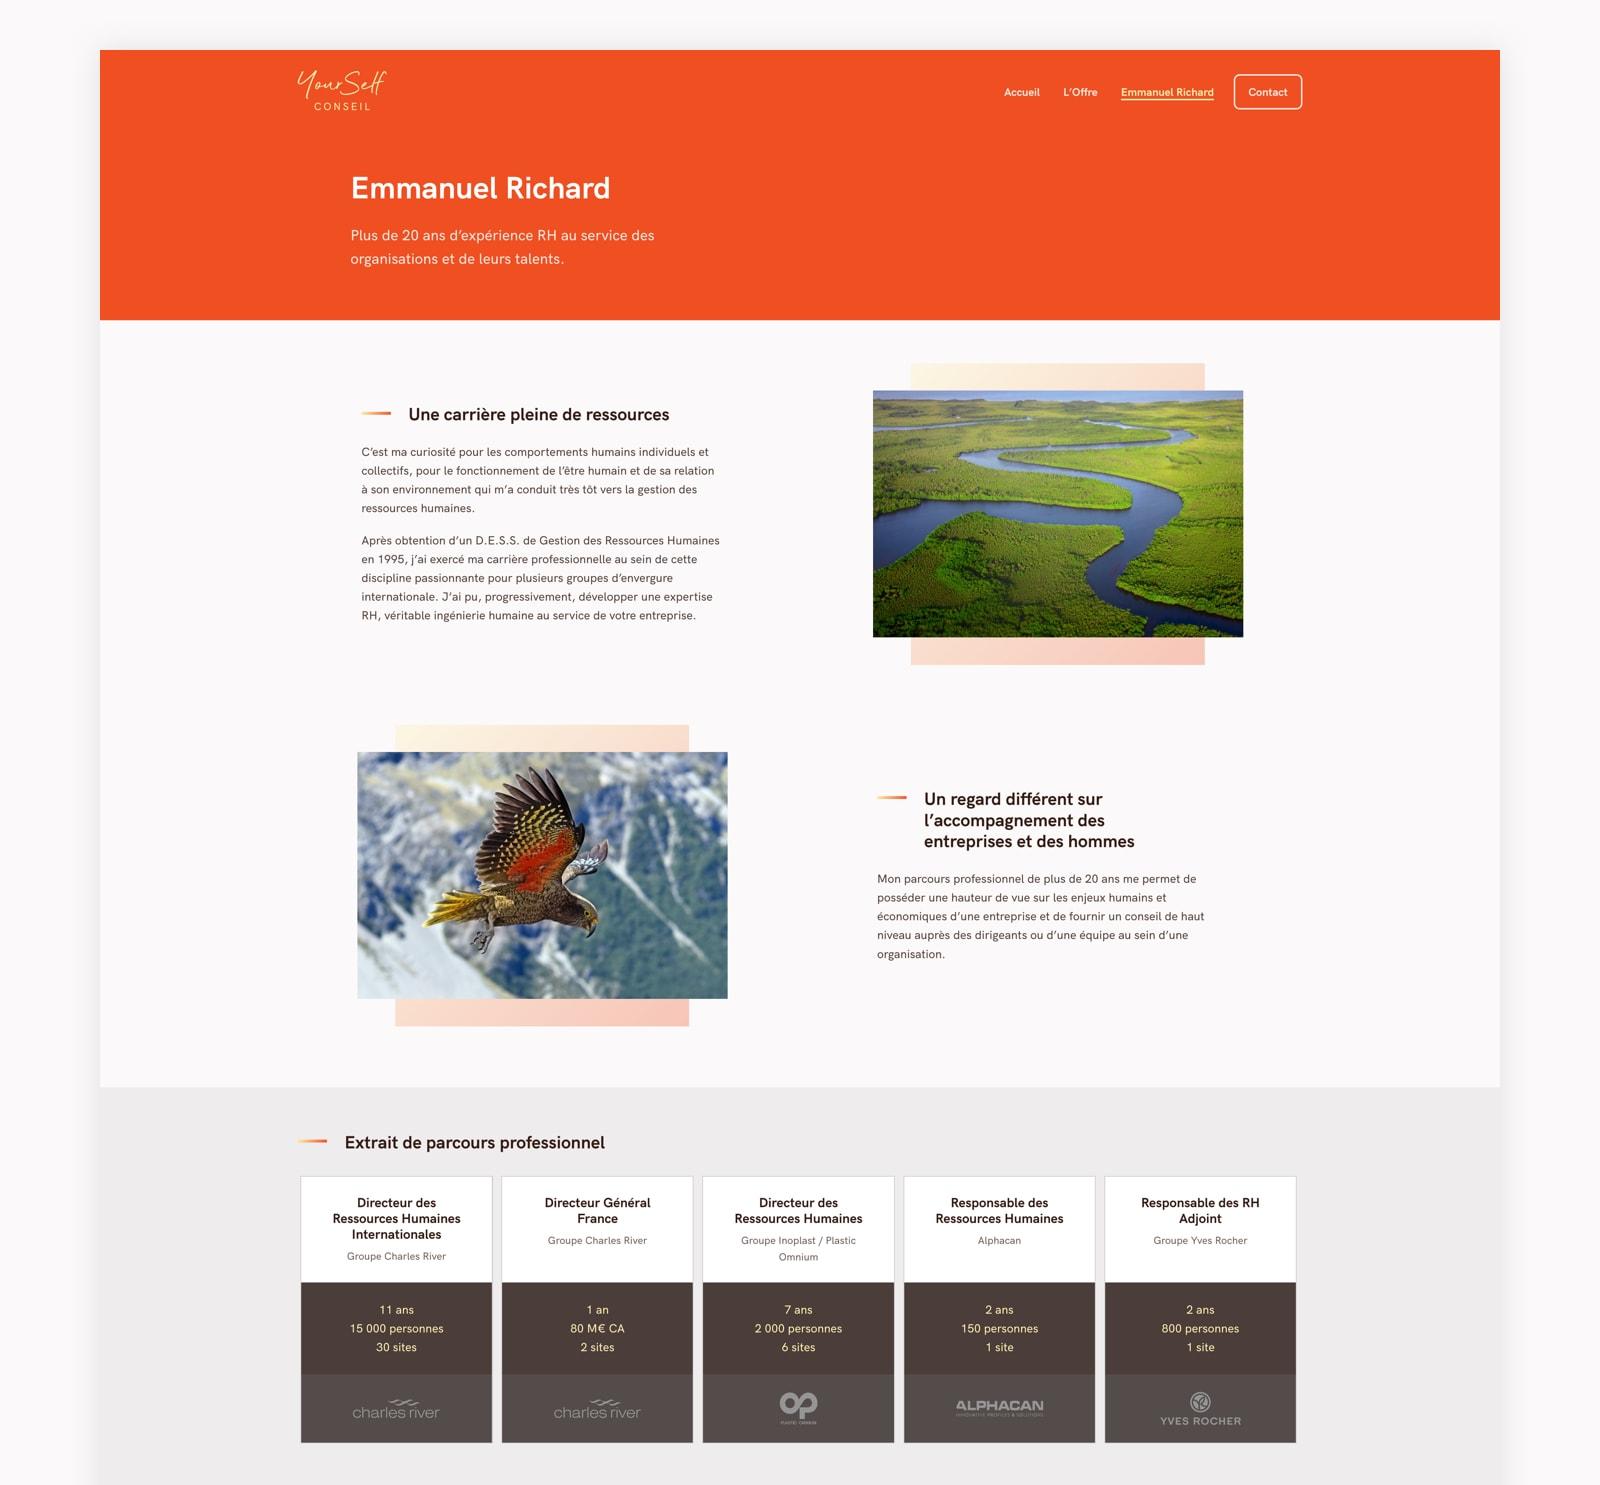 Page À propos du site web de YourSelf Conseil